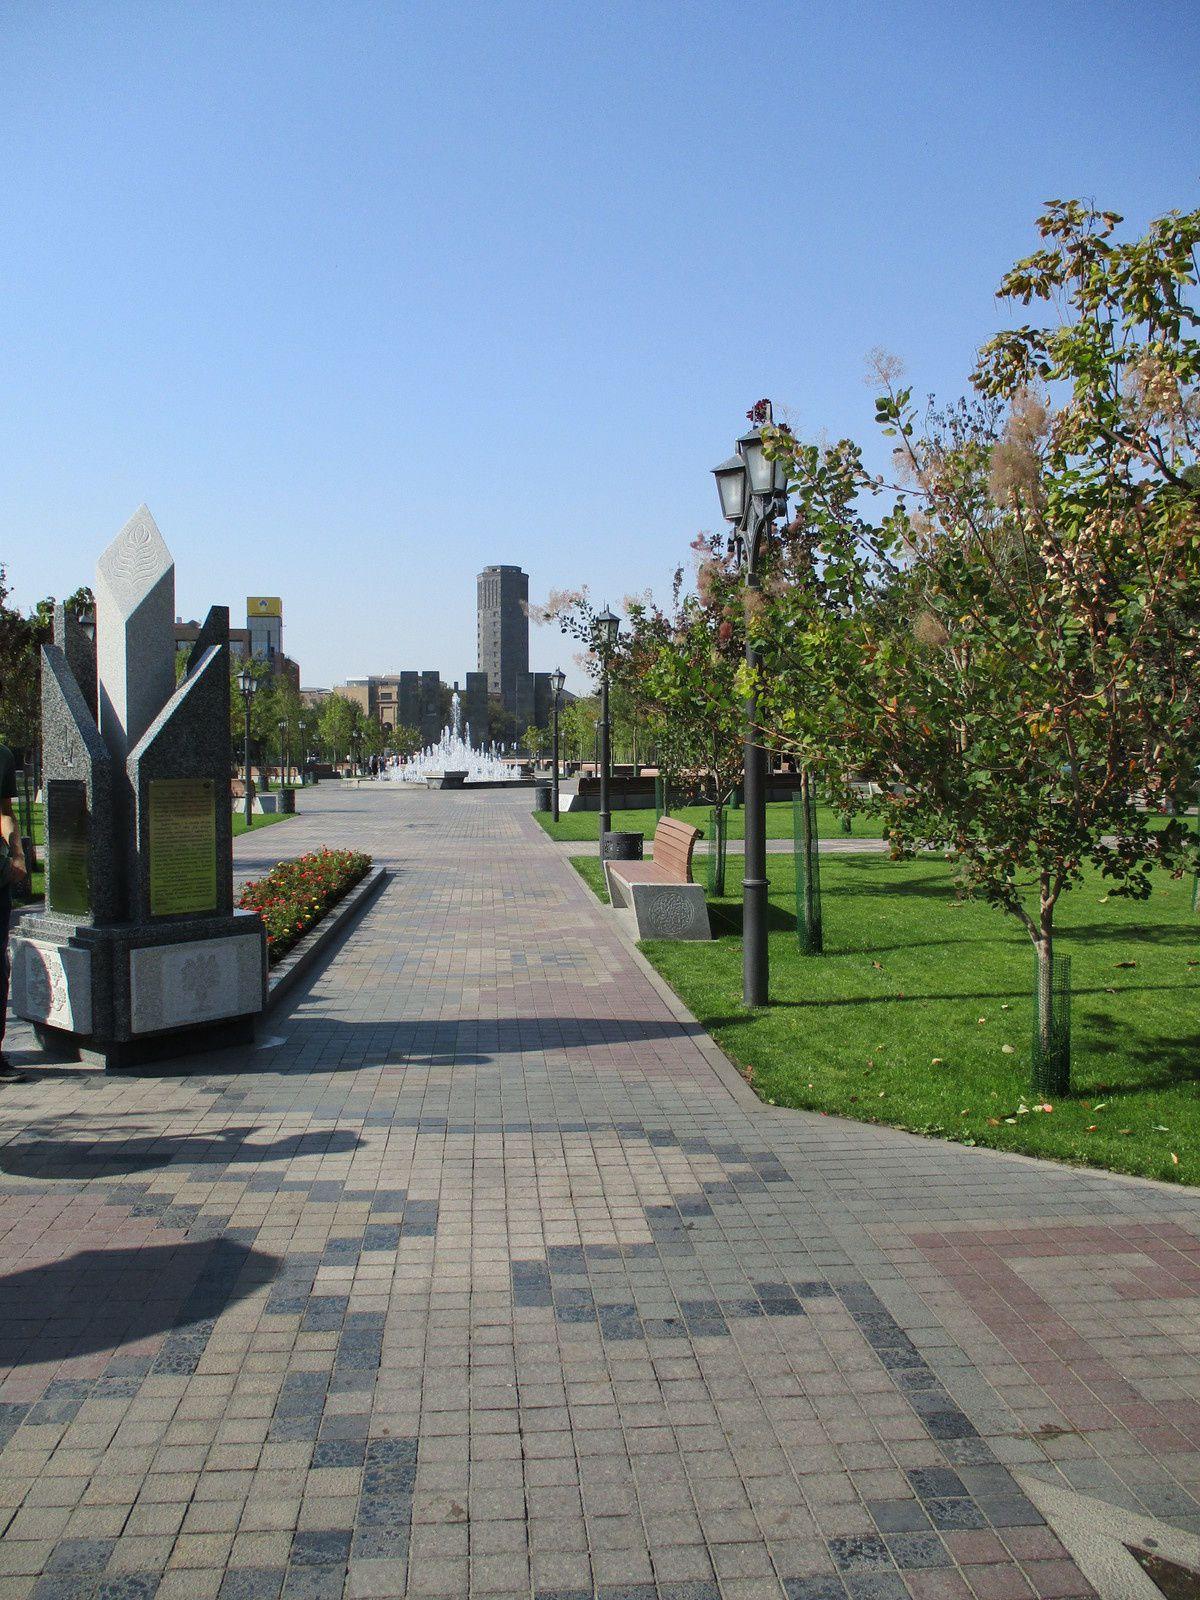 Arménie - Une promenade du dimanche à Yerevan